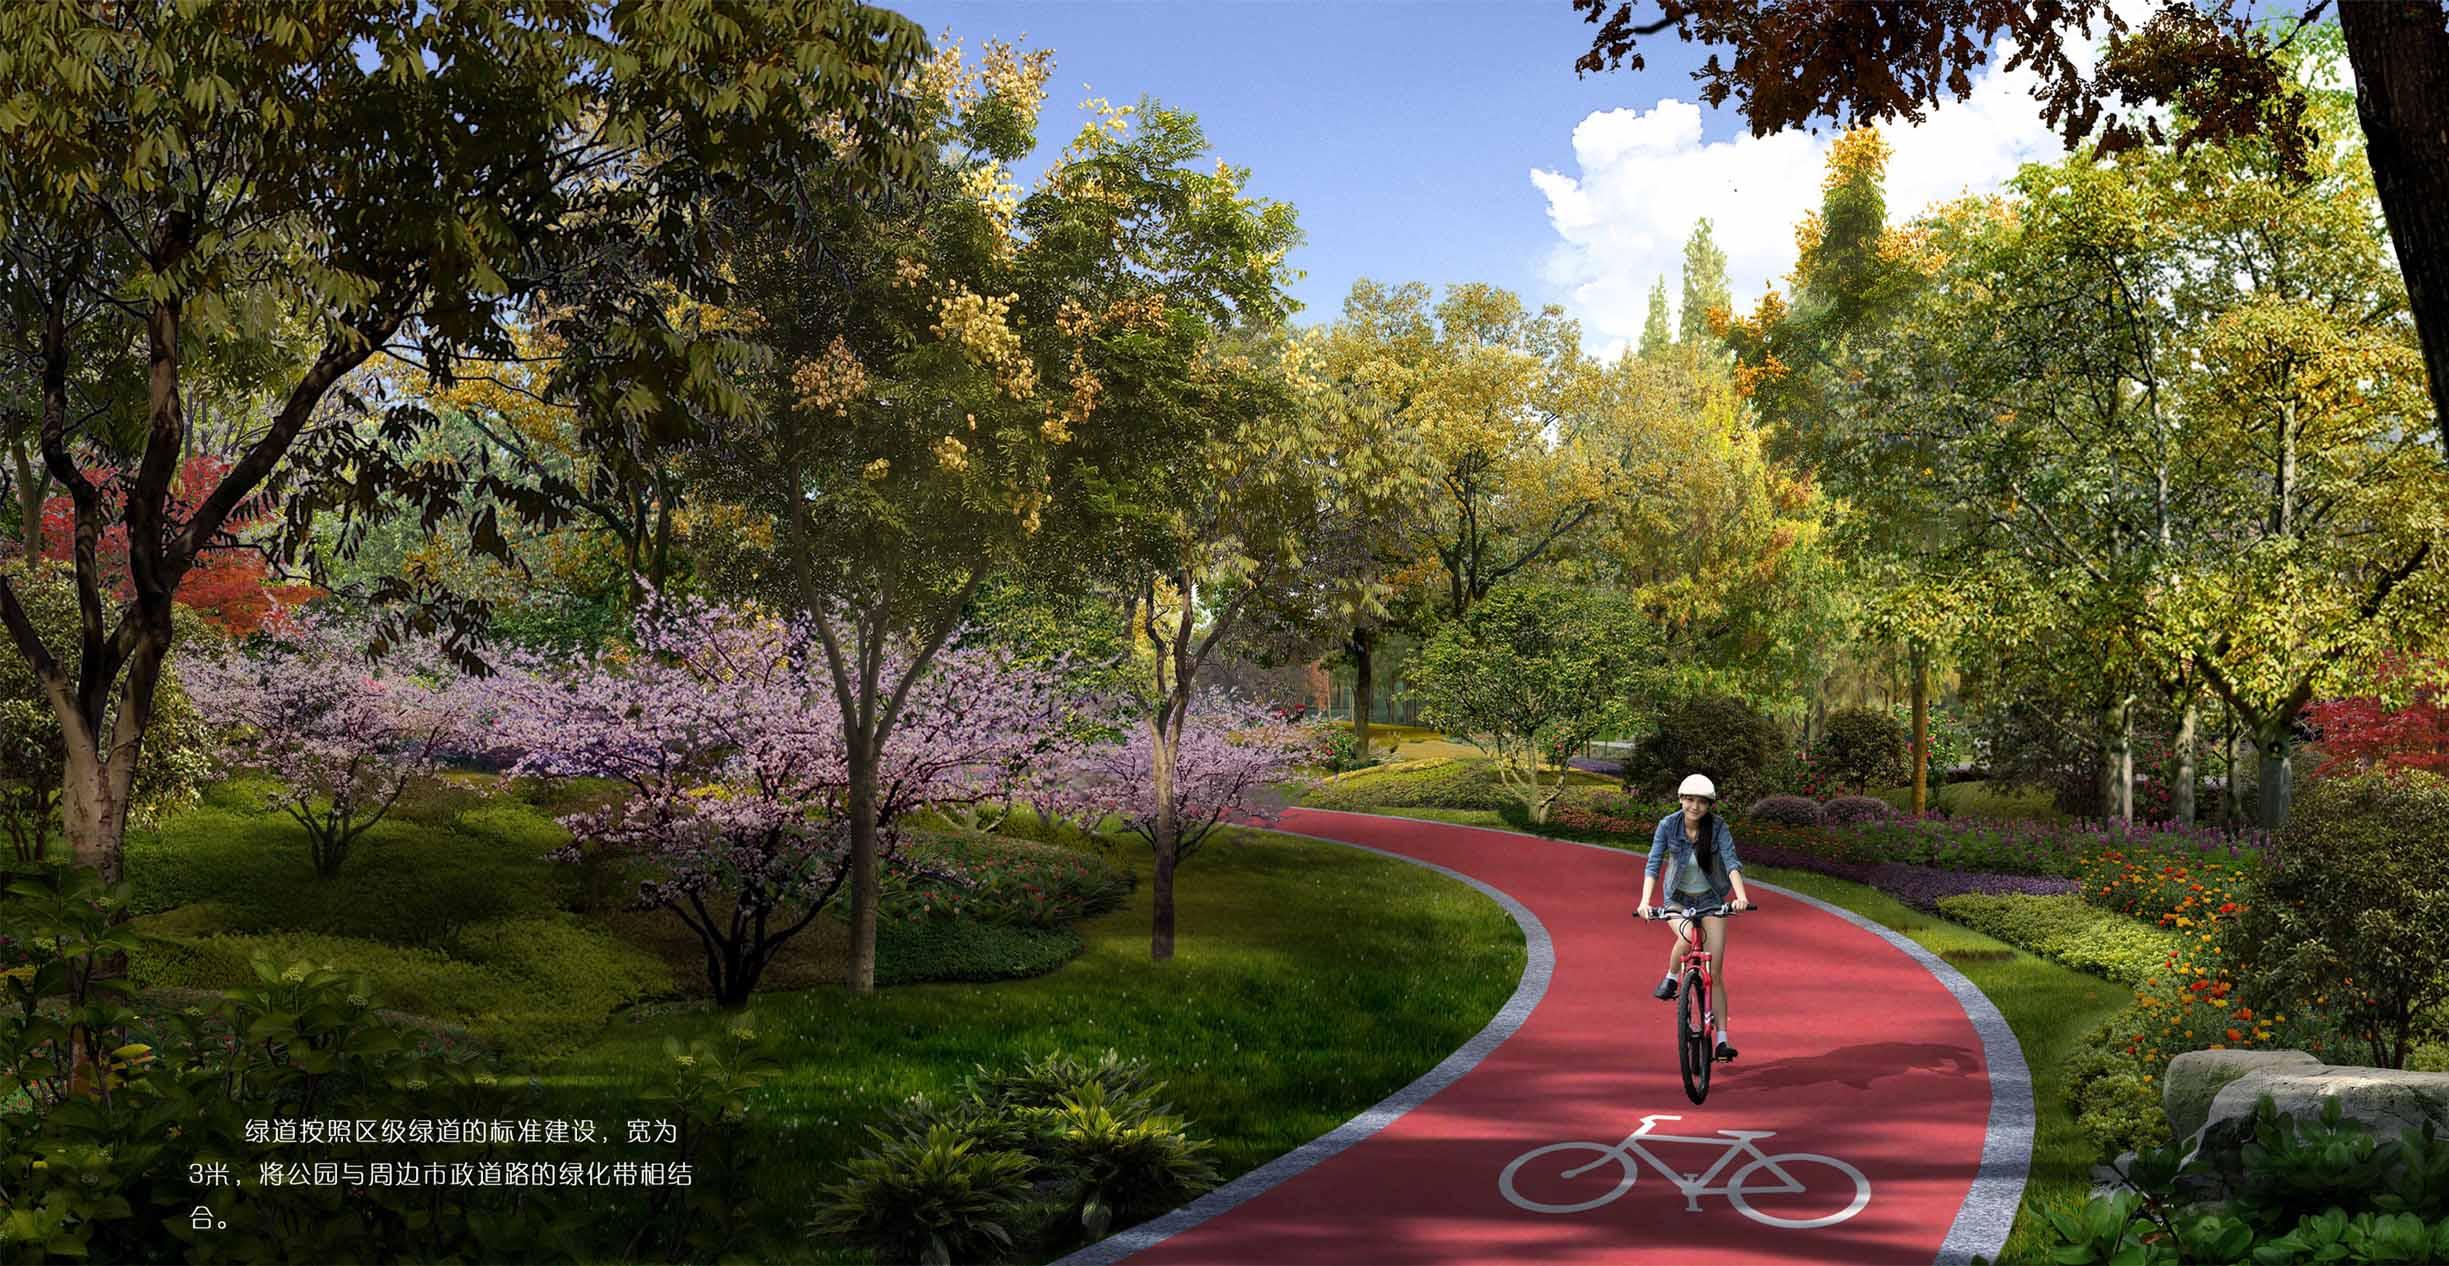 山地公园设计_绿色空间案例展示图片